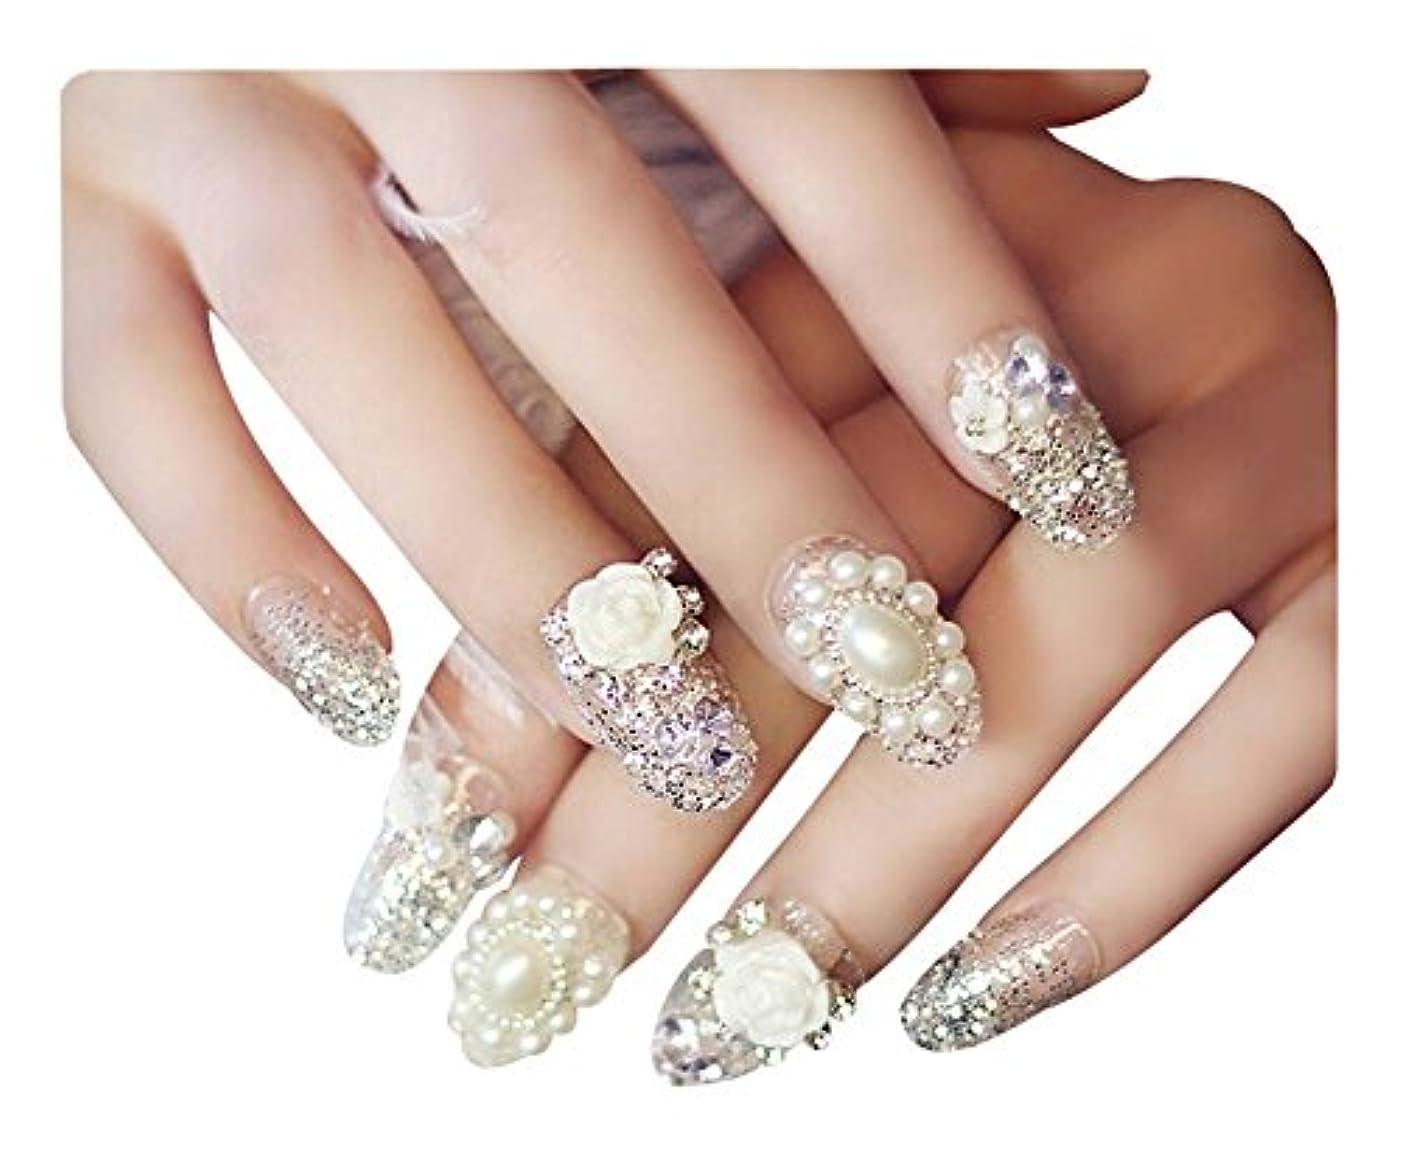 ペナルティもの吸う人工真珠のラインストーンの偽の釘の結婚式の構造のネイルアート、ピンク、2パック - 48枚